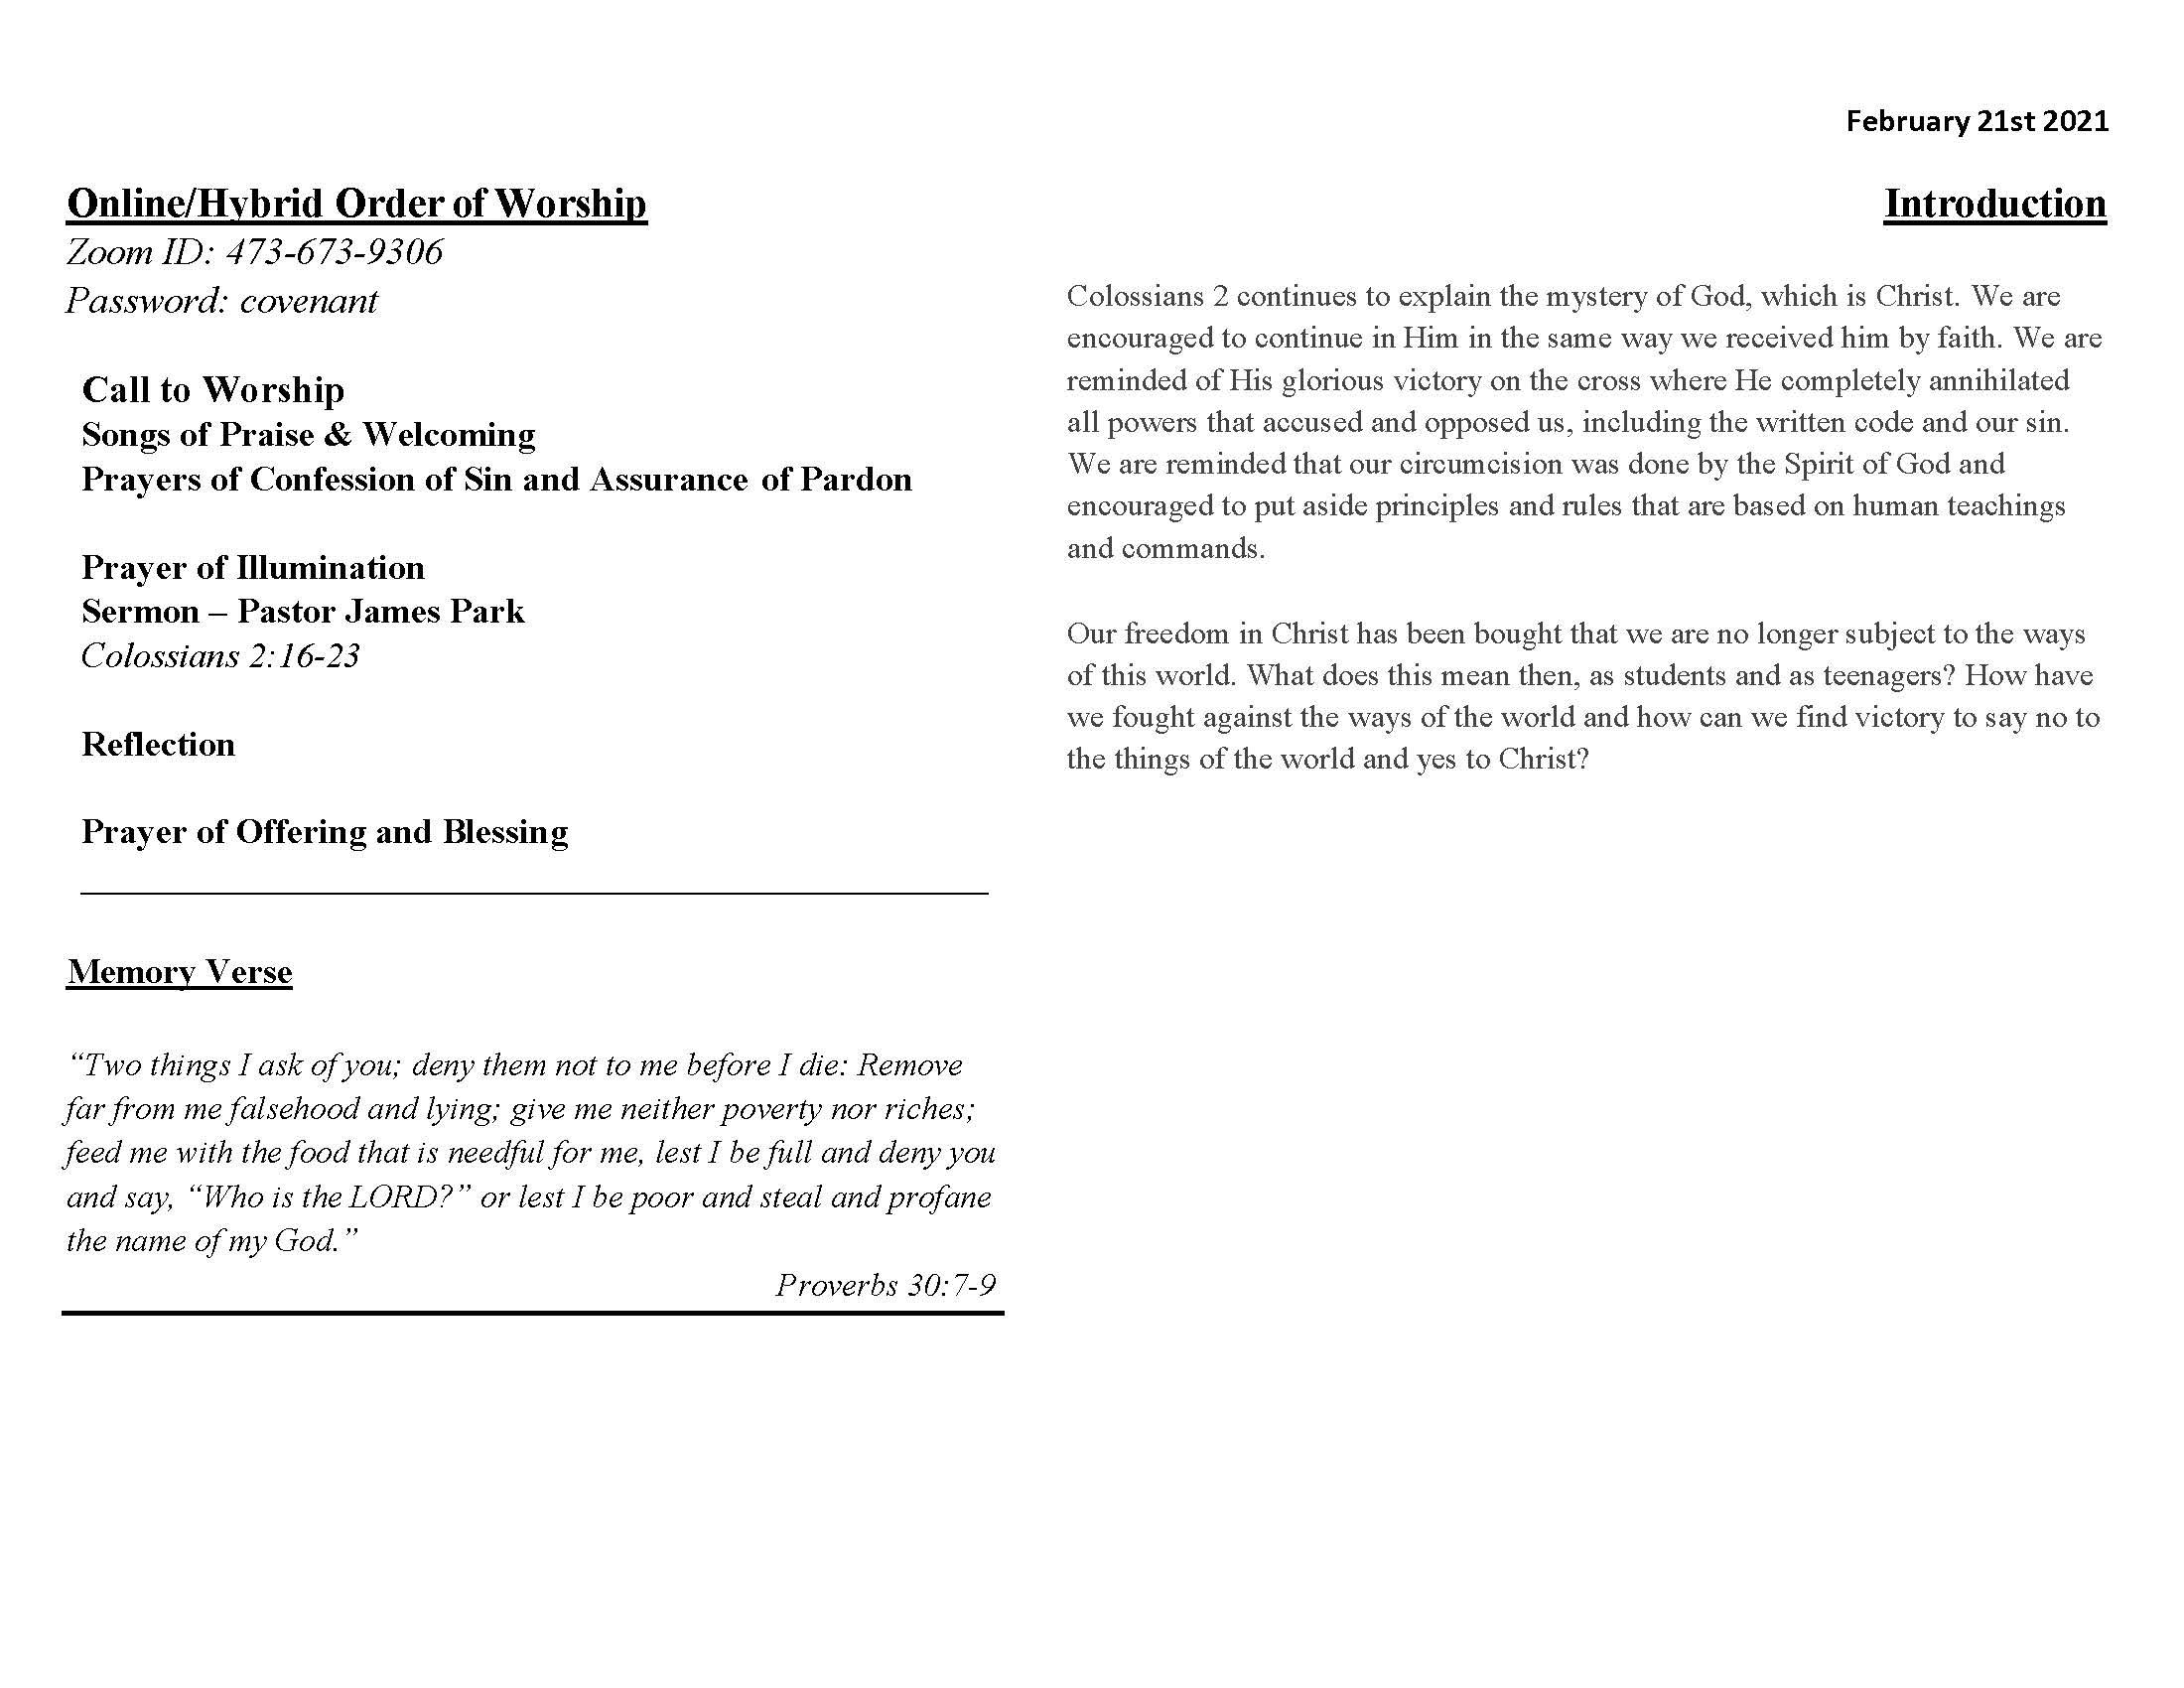 CCYG Bulletin 210221_Page_2.jpg